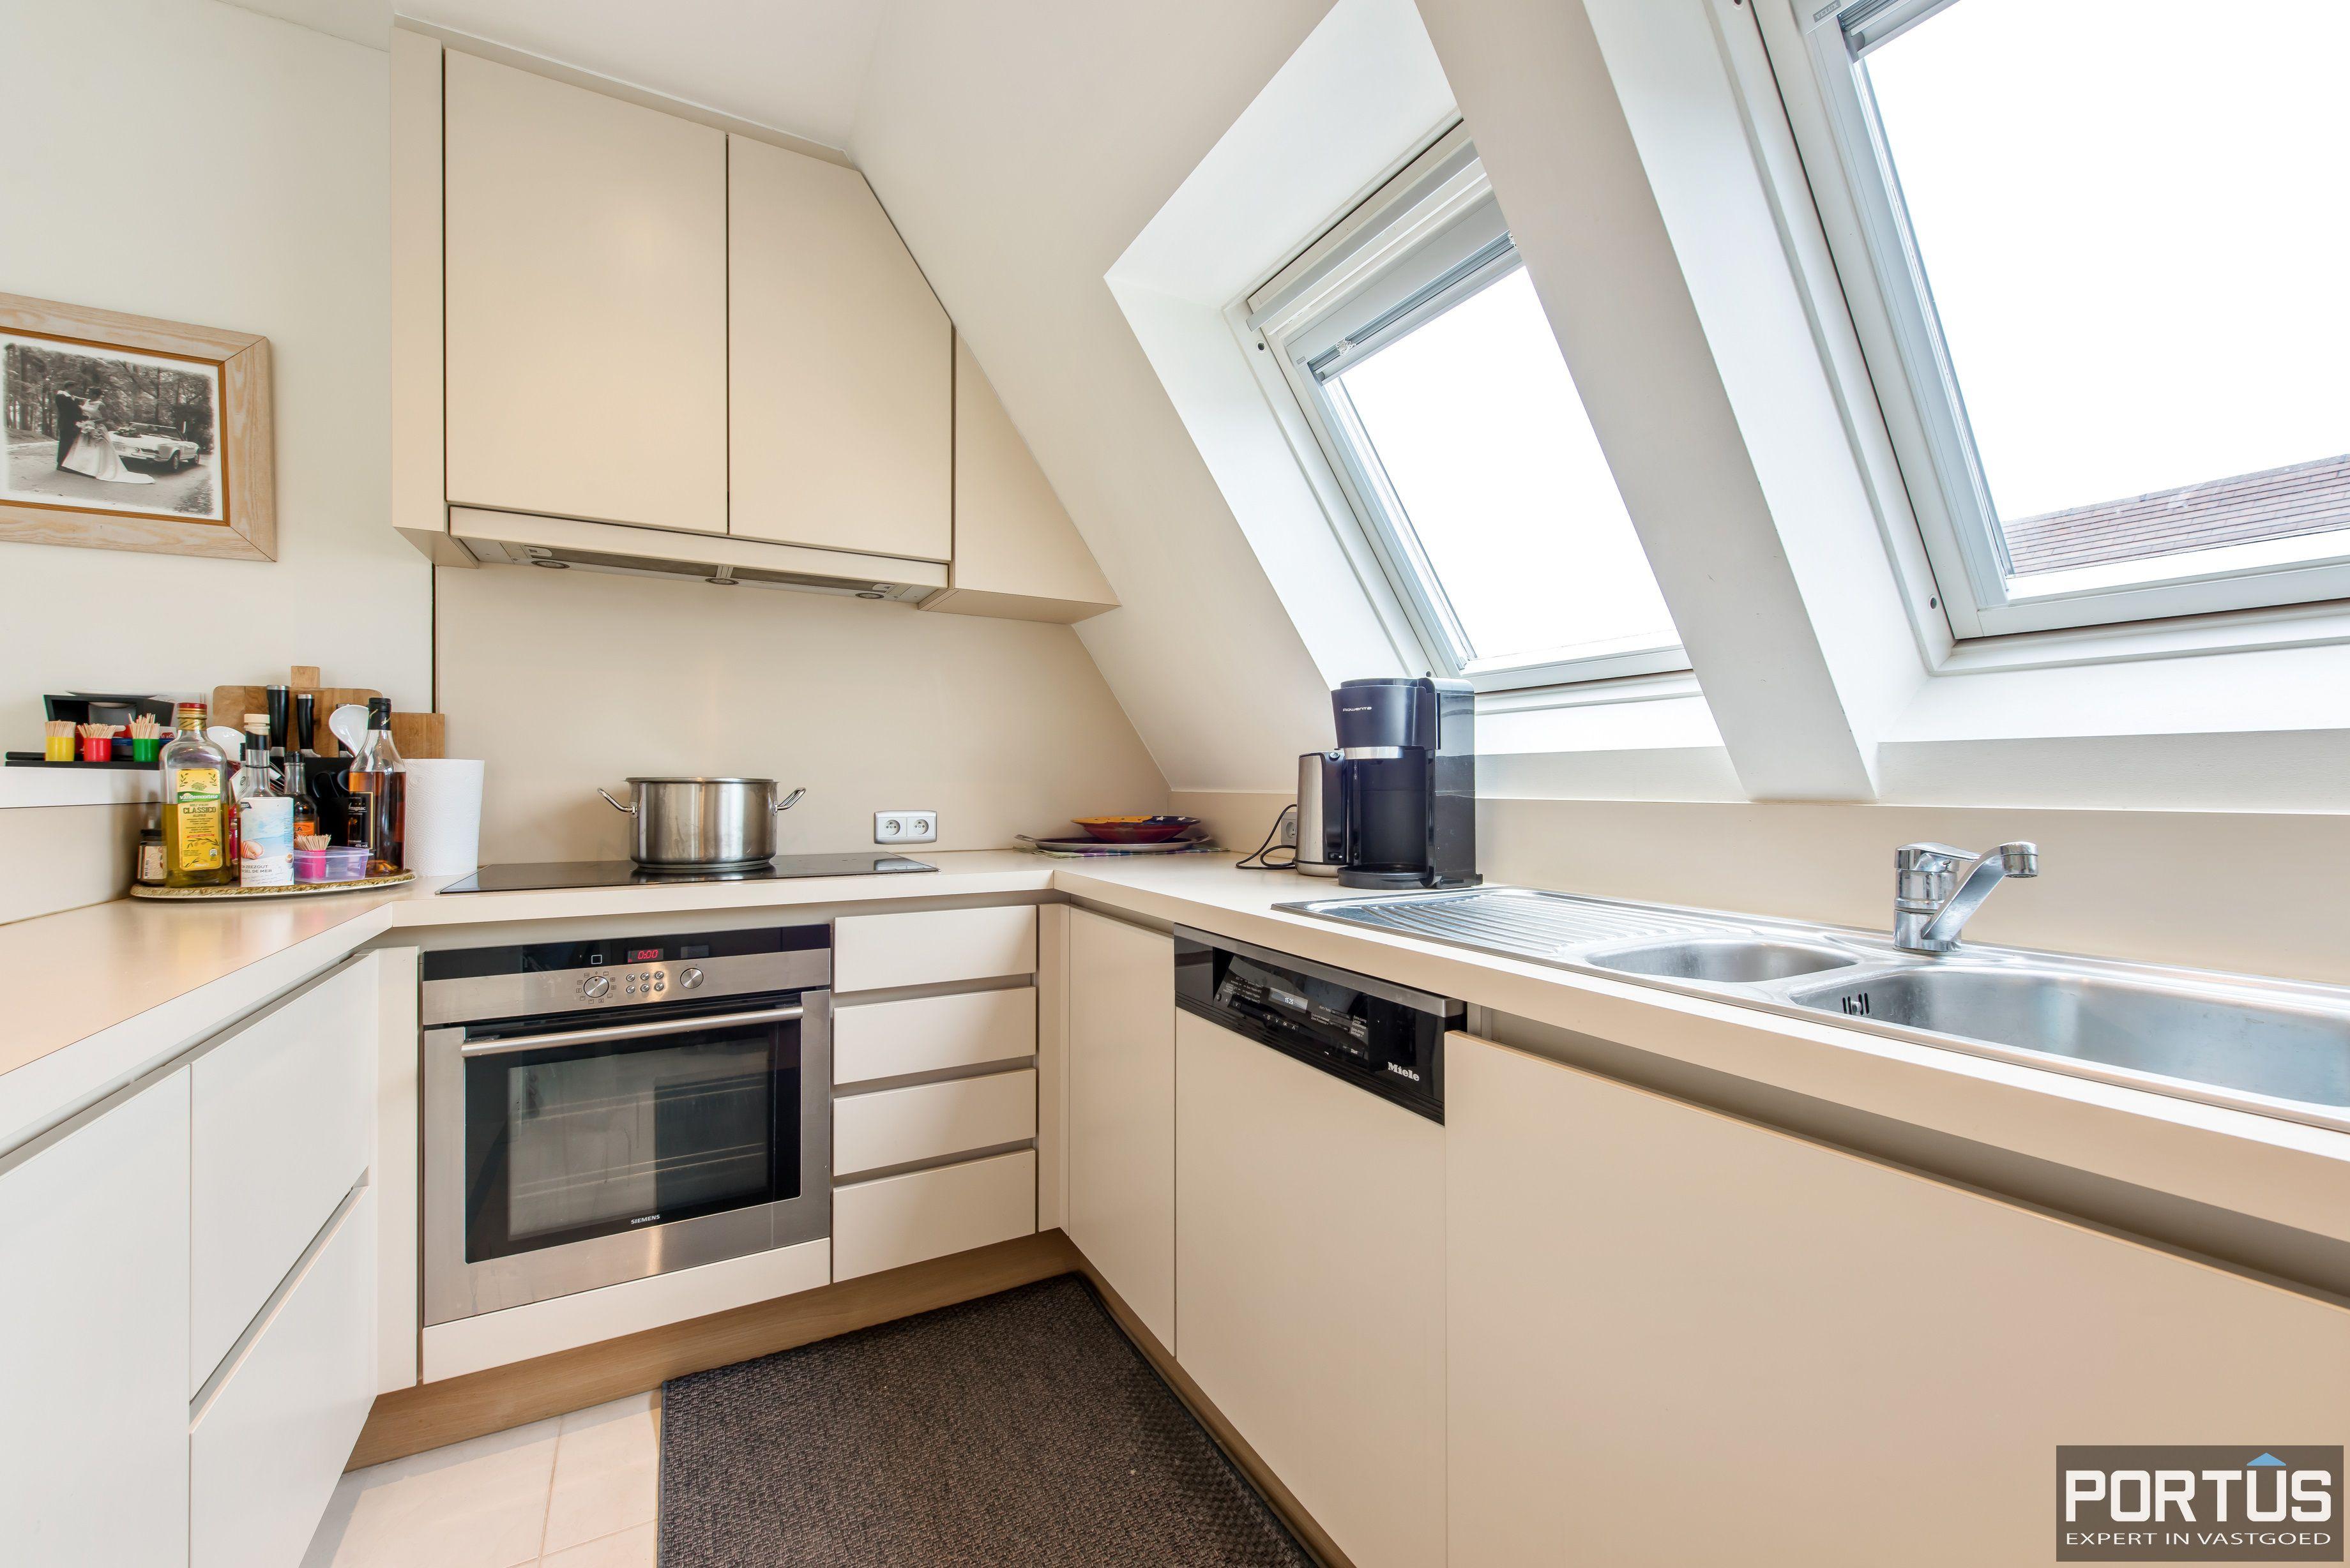 Zongericht appartement met 2 slaapkamers te koop - 10748